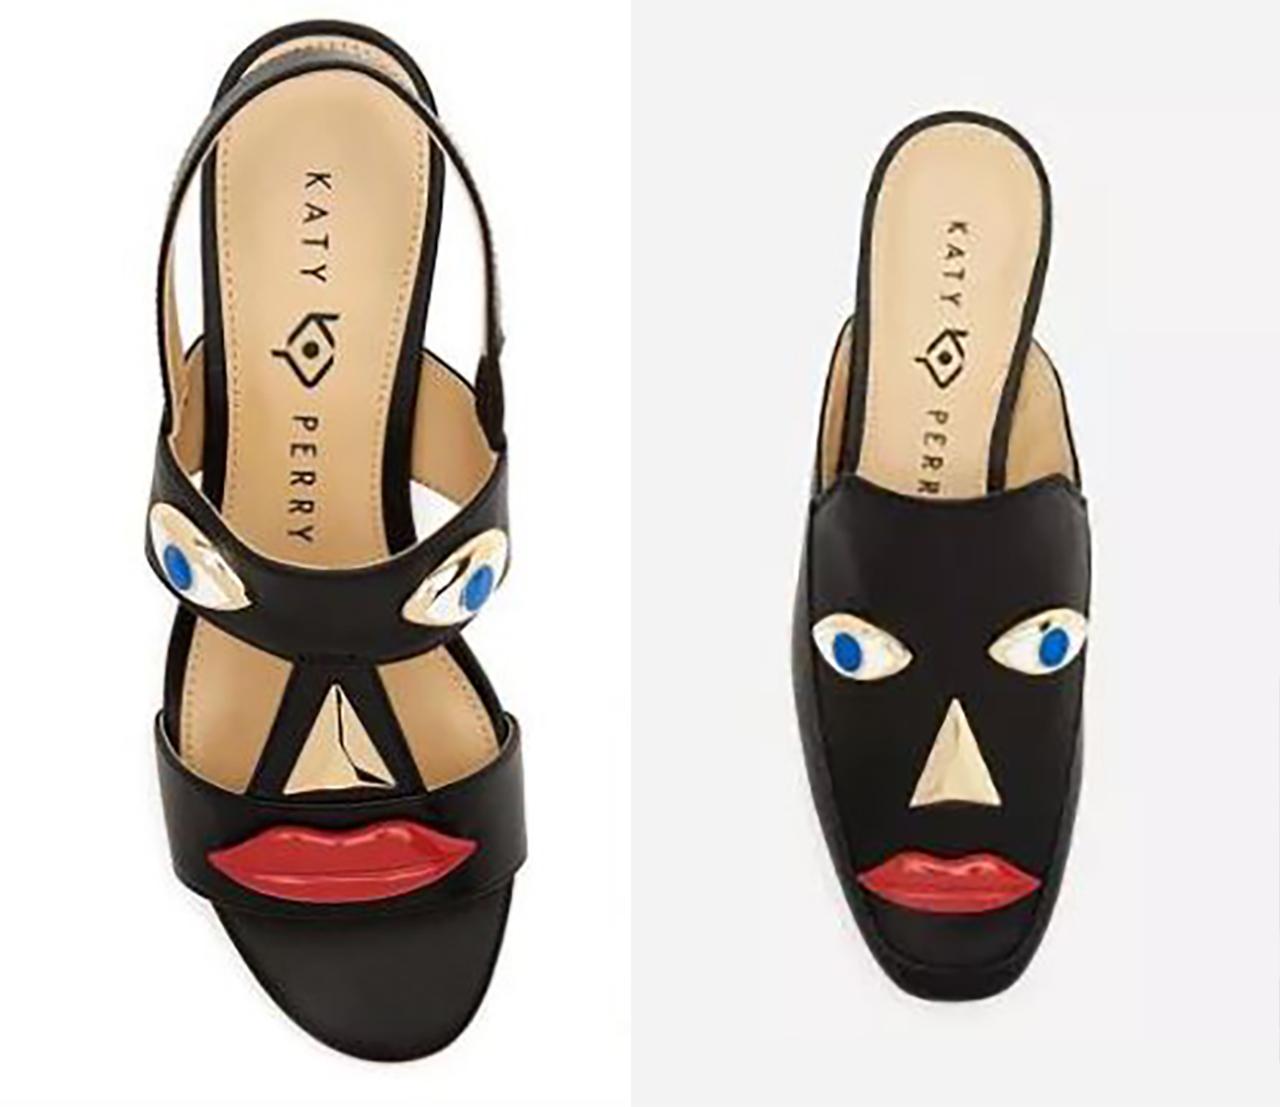 프라다·구찌·케이티 페리....미국서 논란되는 흑인 비하 상품들